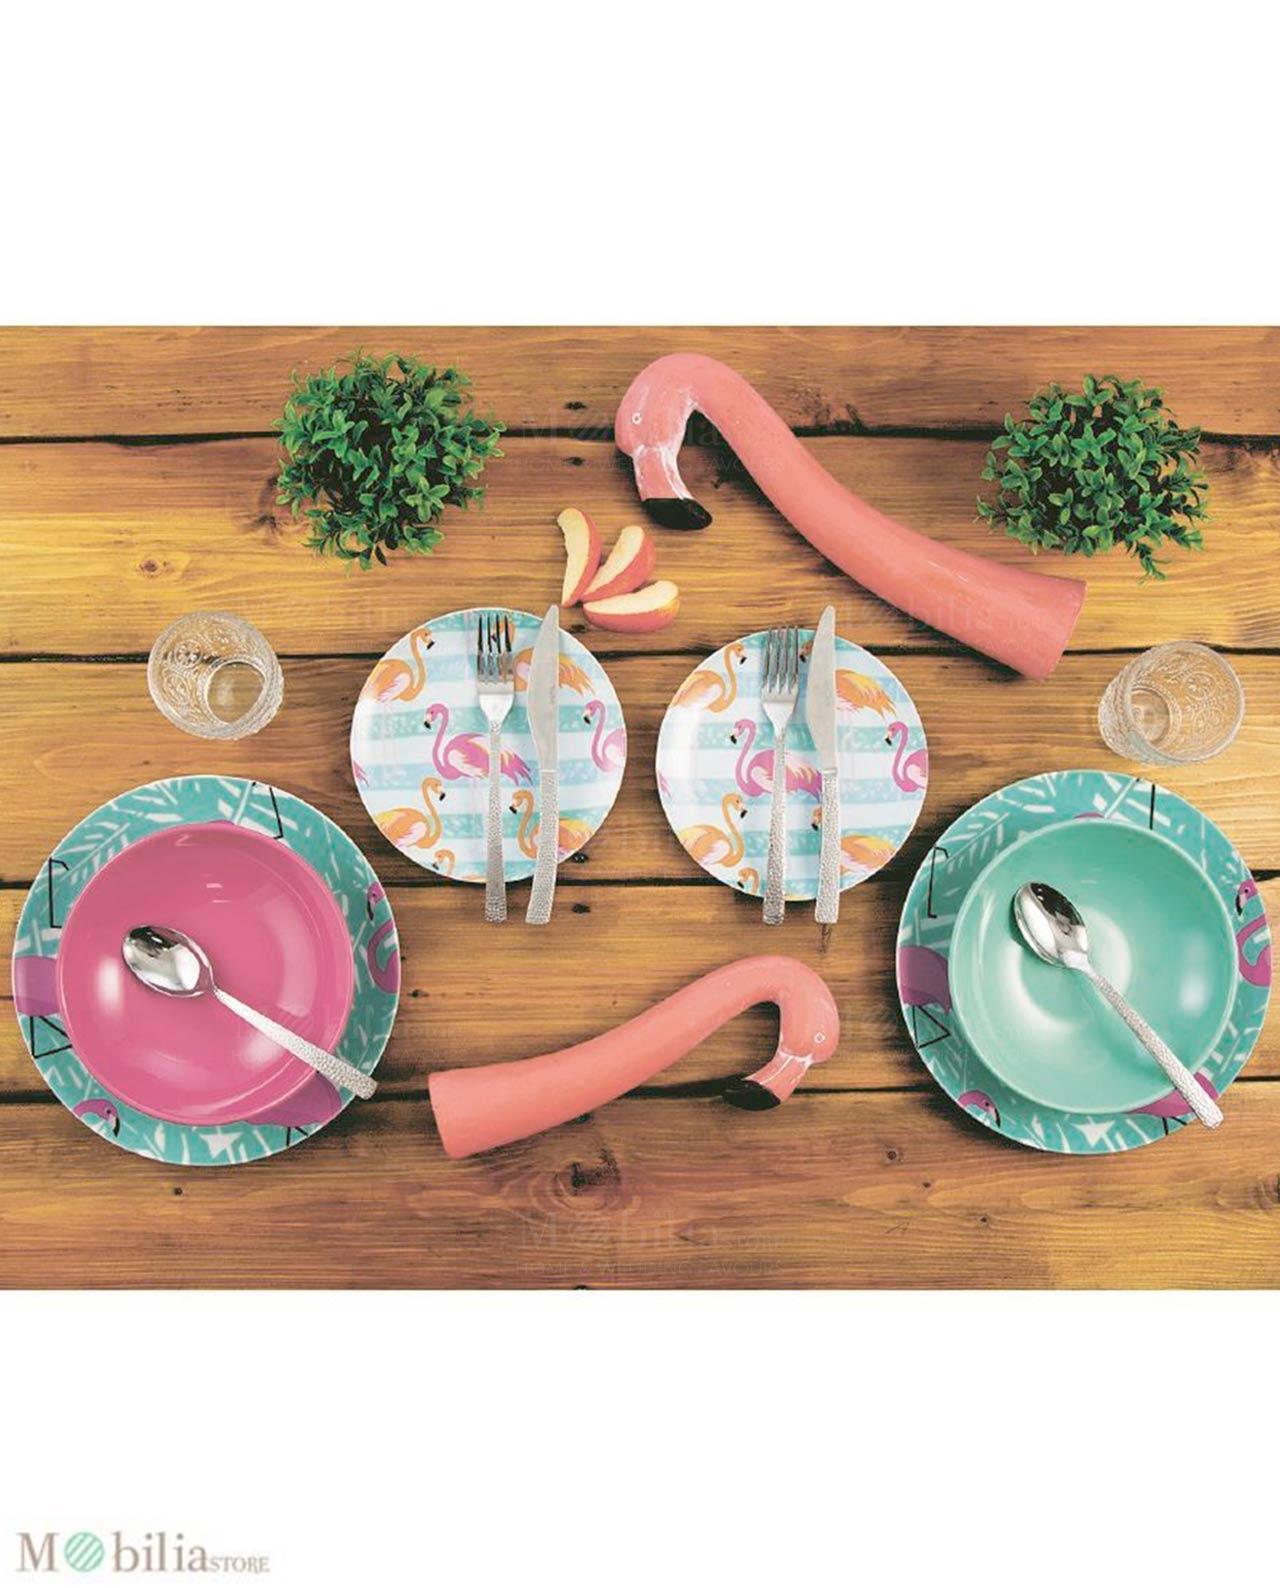 Servizio piatti villa d 39 este flamingo 18 pz mobilia for Servizio di piatti